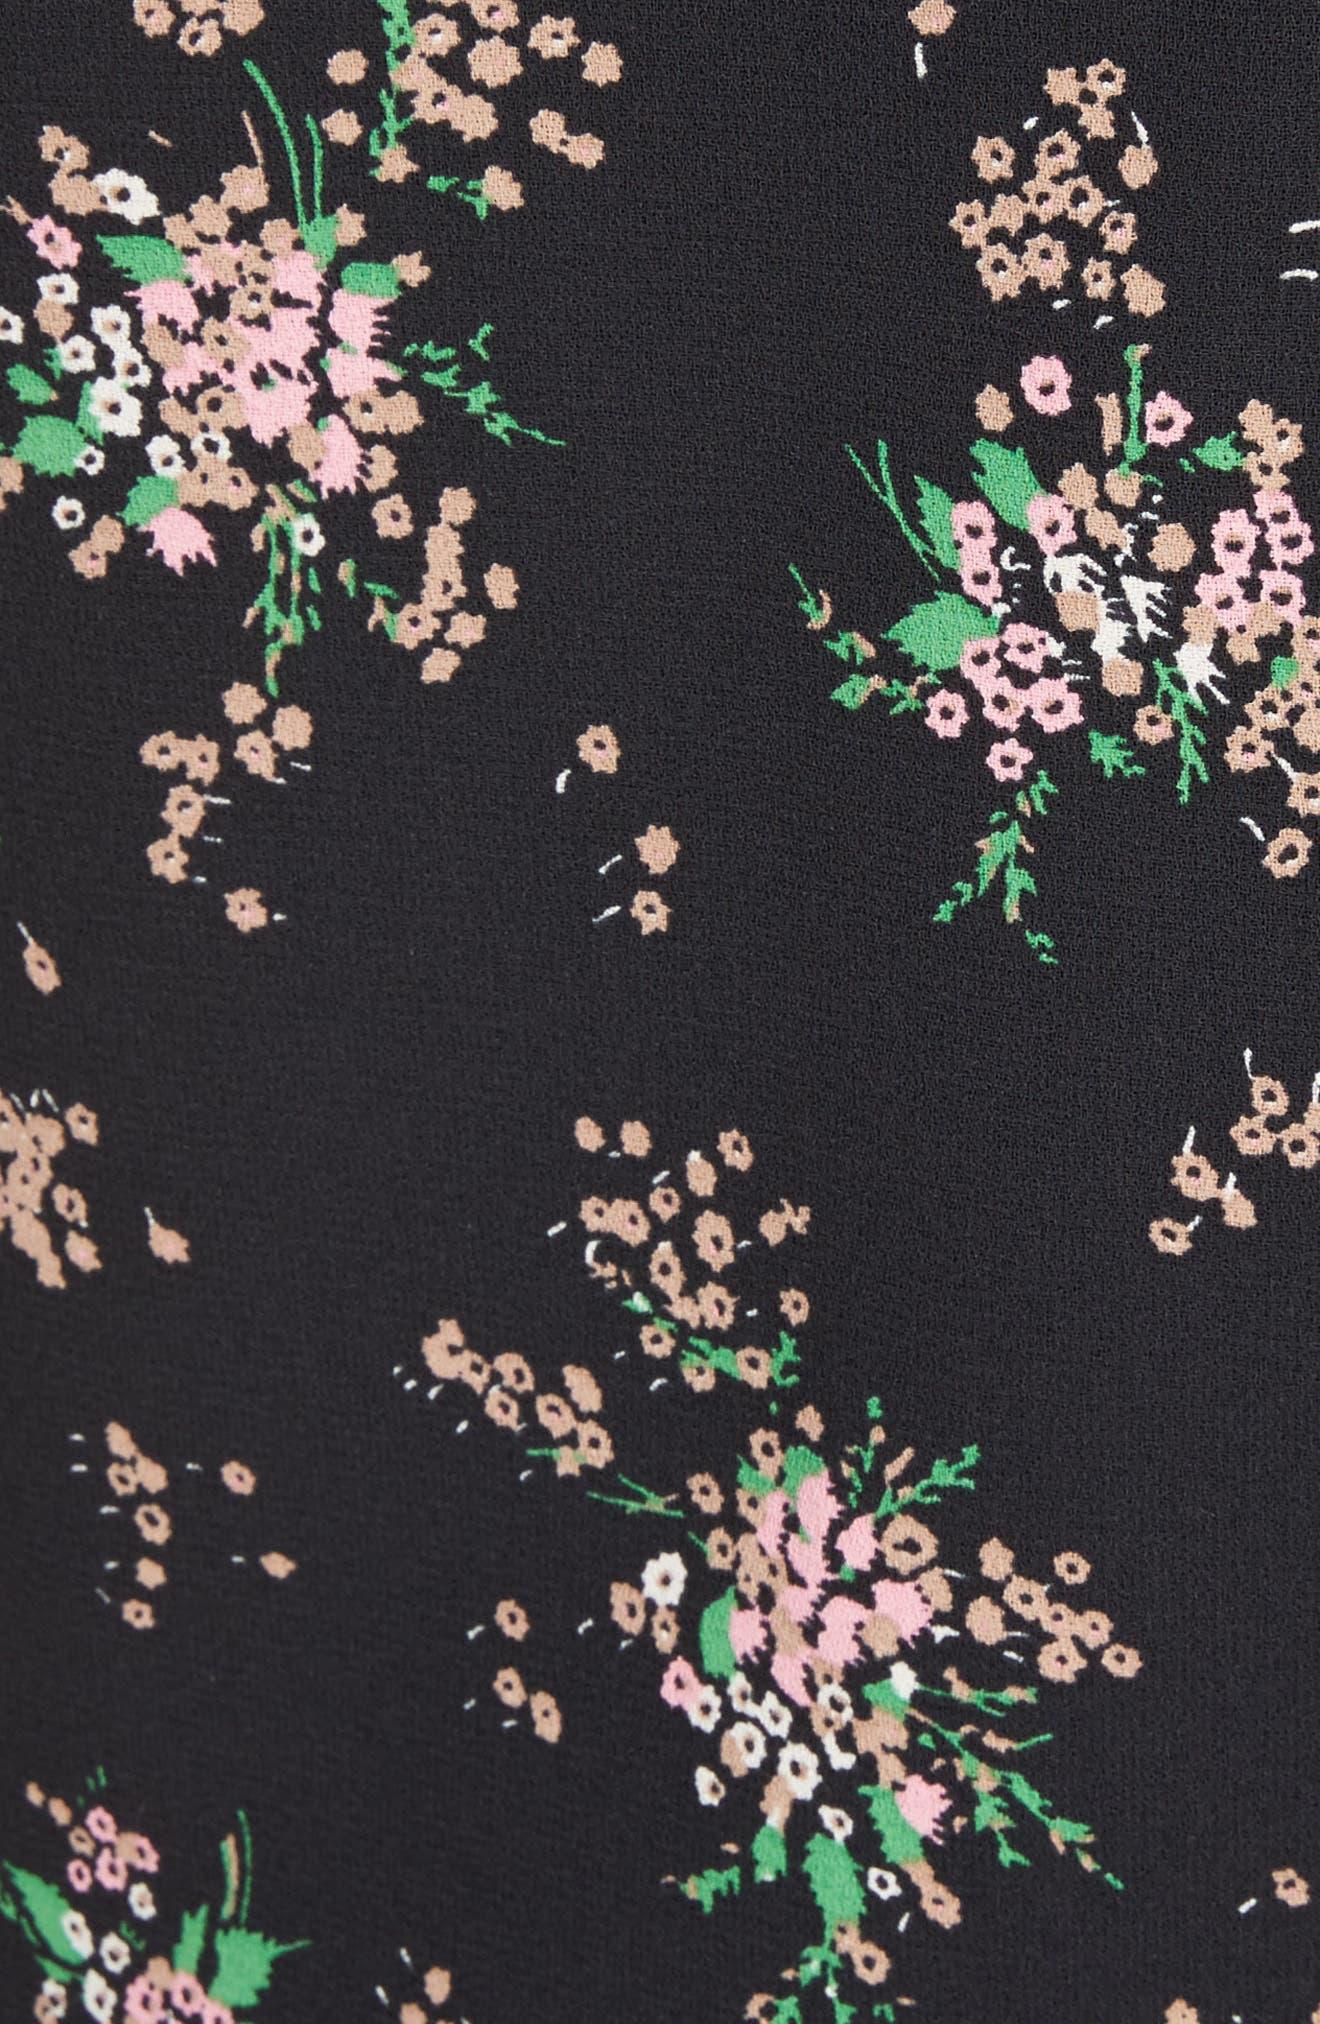 Ostrich Feather Trim Floral Print Dress,                             Alternate thumbnail 5, color,                             Black